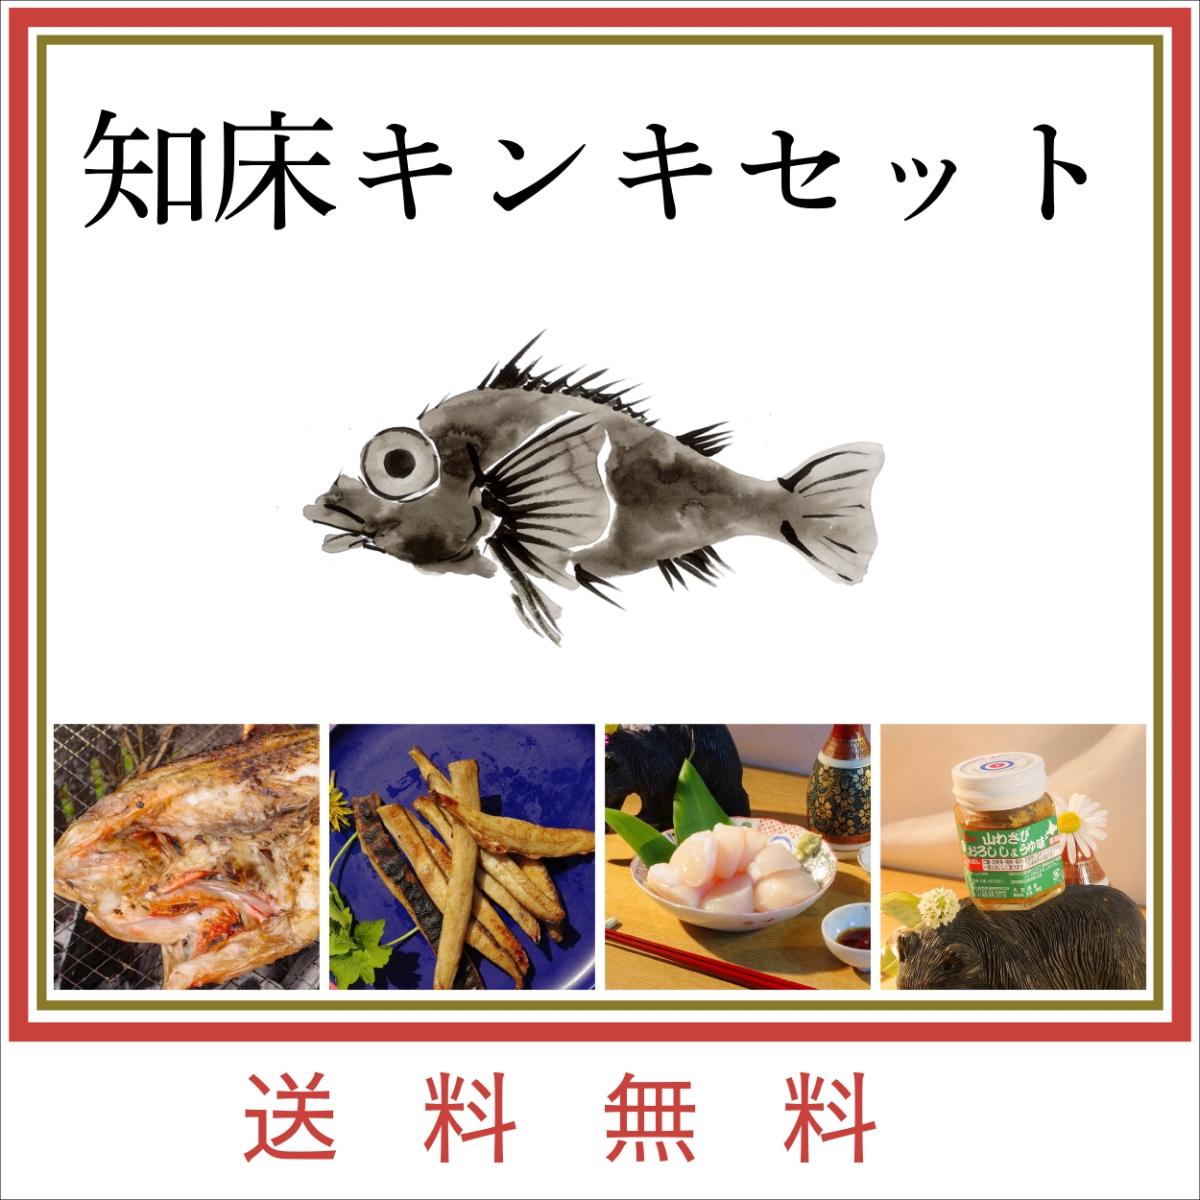 知床キンキセット商品画像1